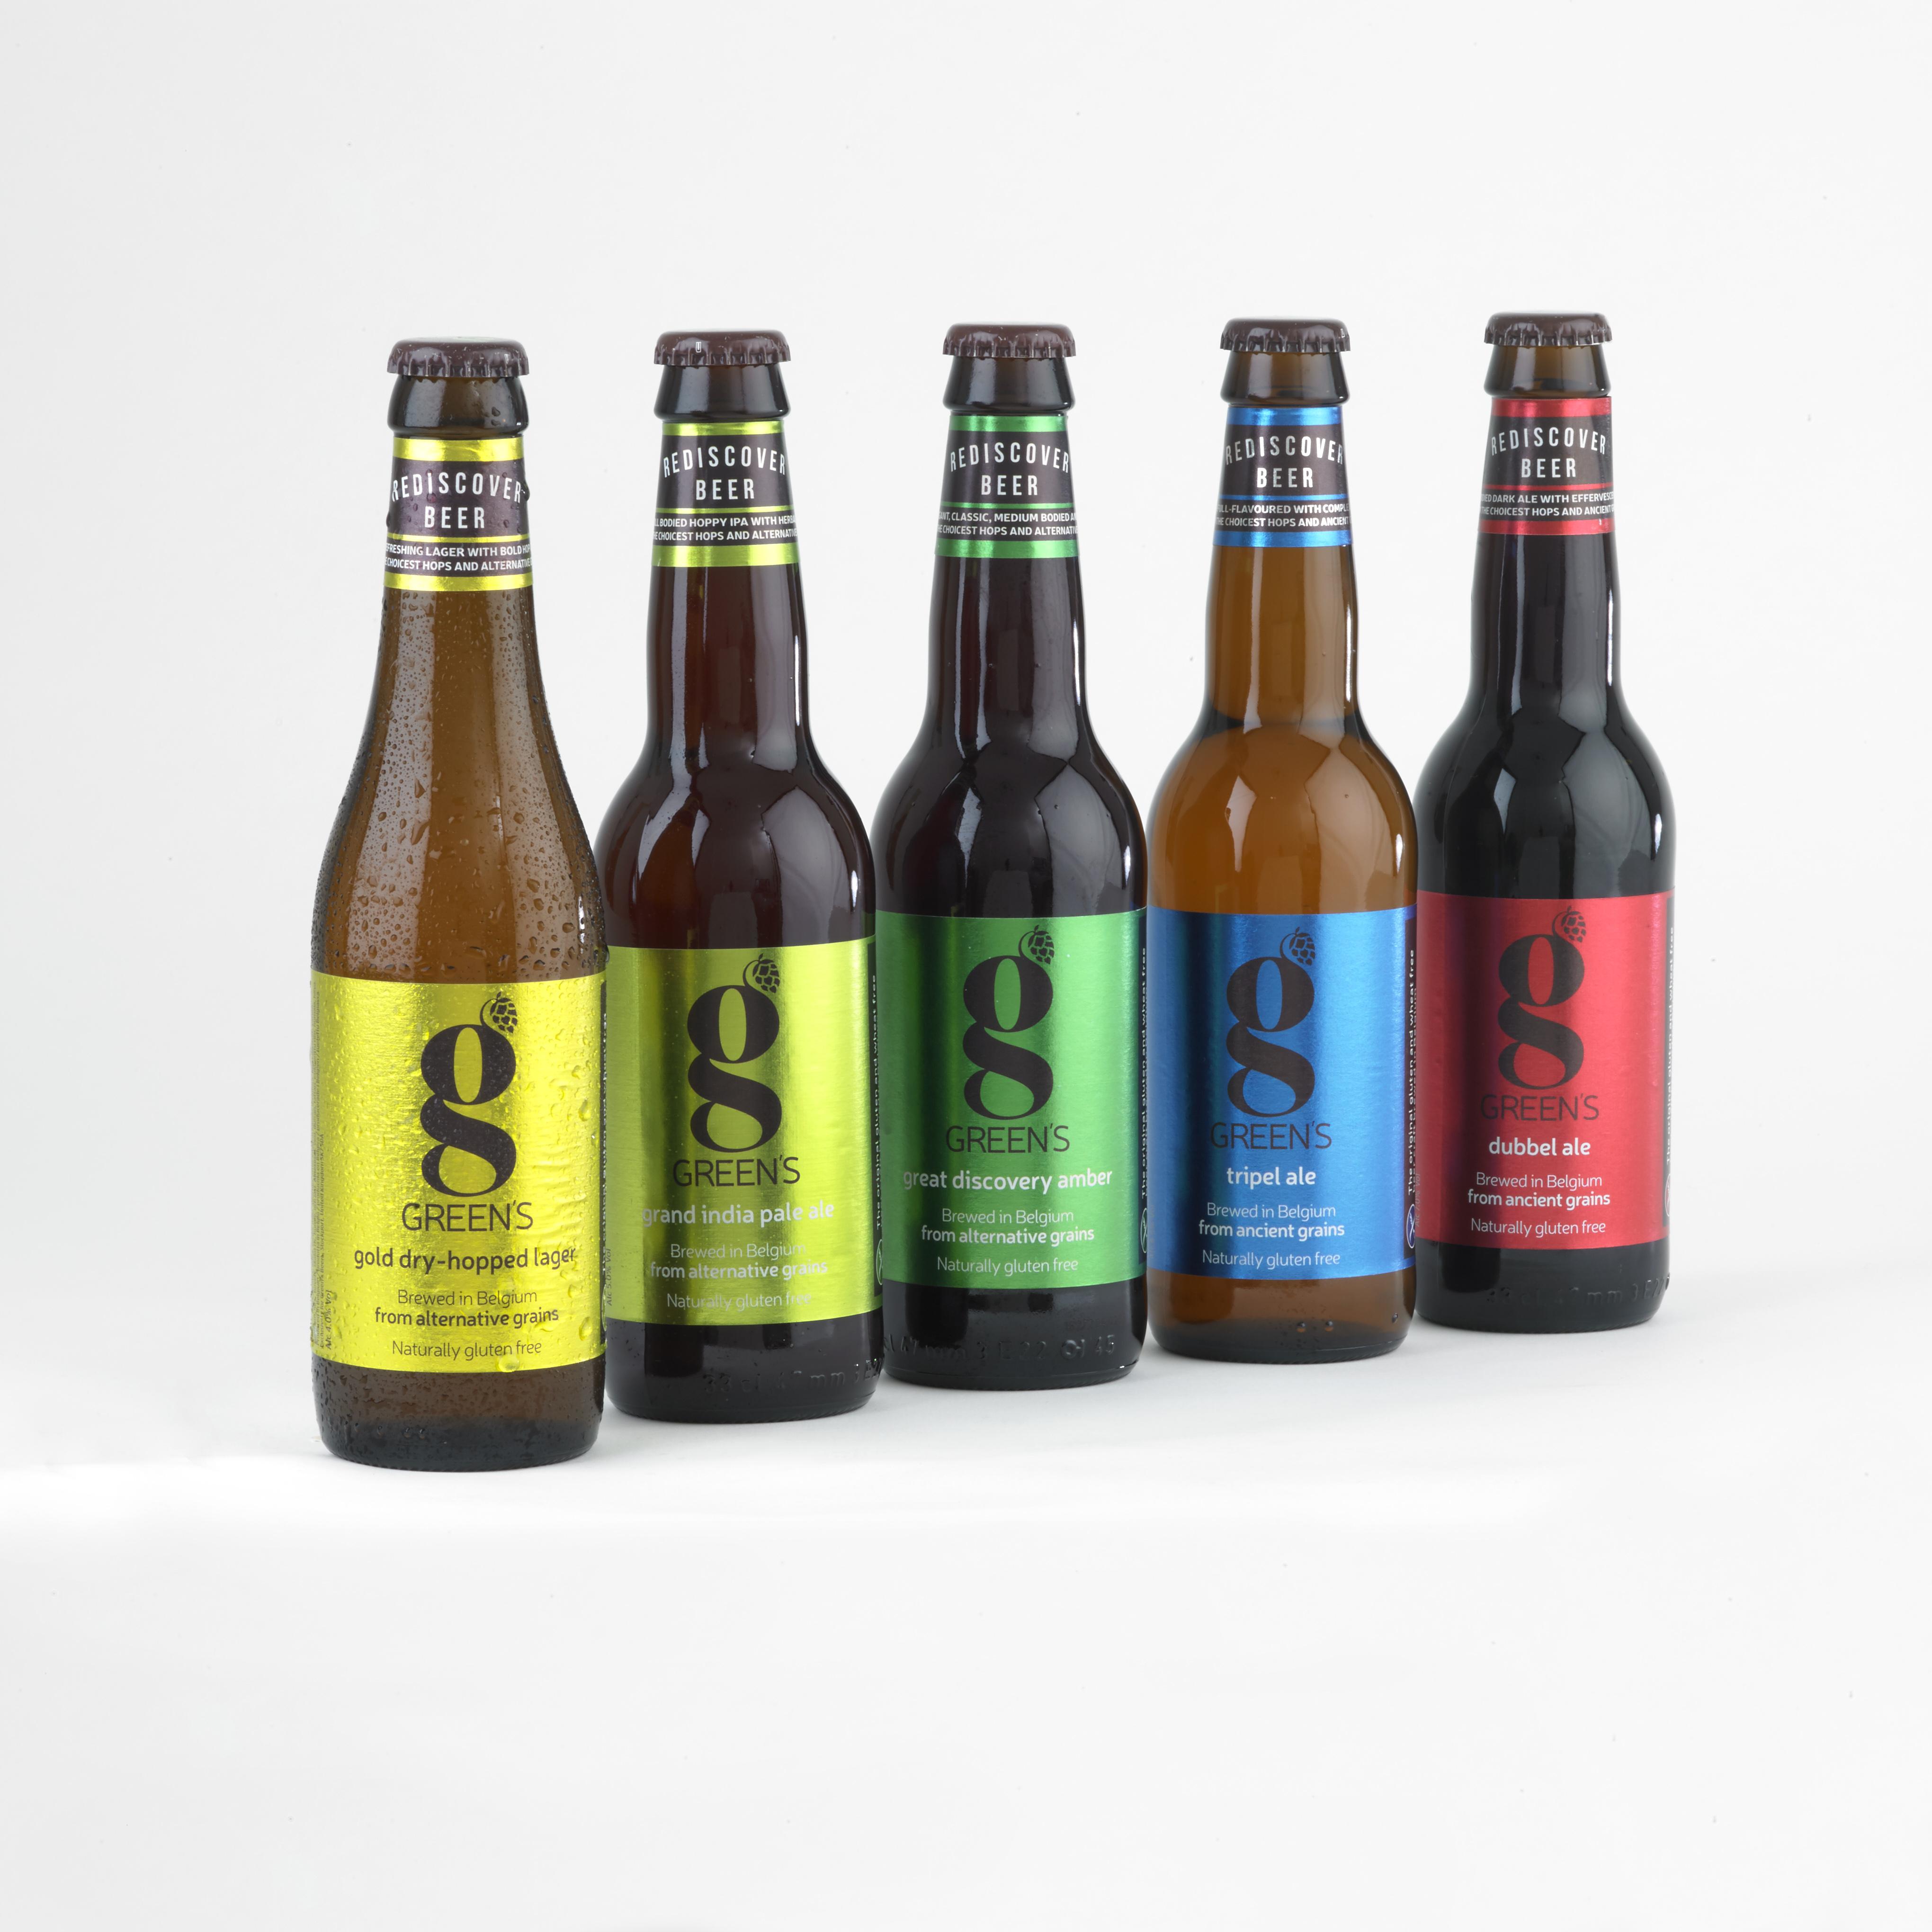 gluten-free-beer